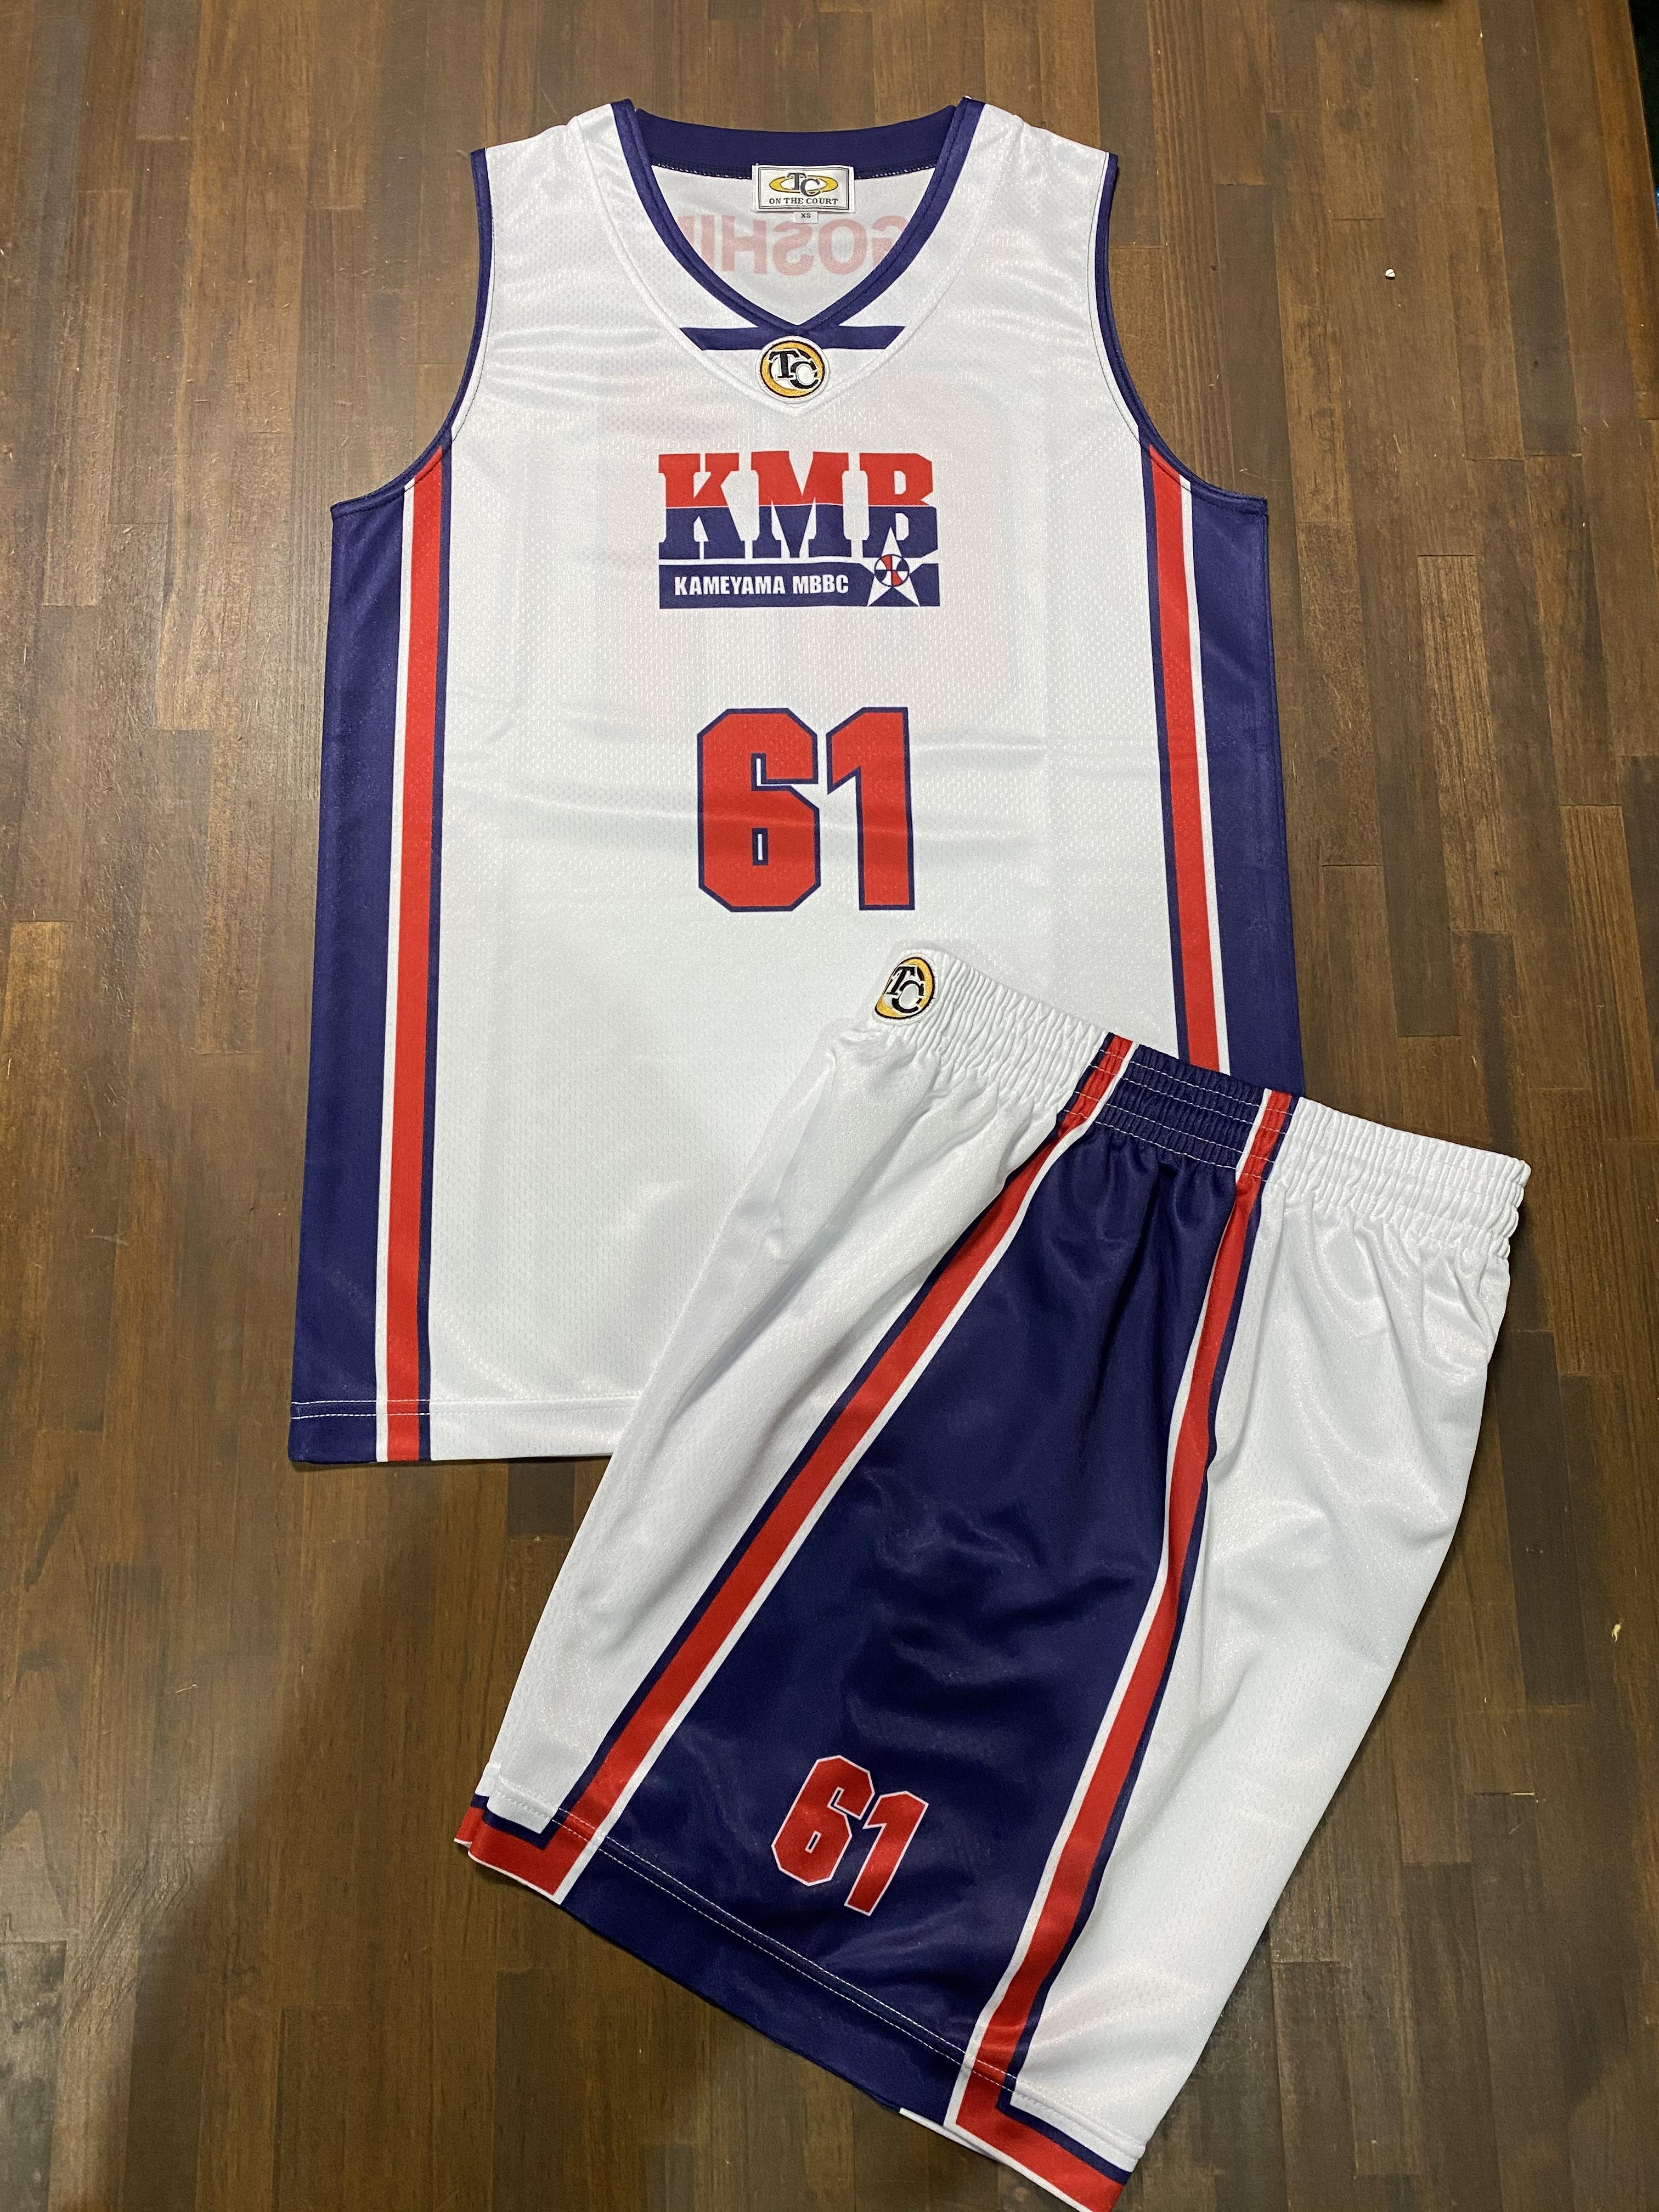 【デザインサンプル】亀山ミニバスケットボールクラブ (U12・男子)  昇華ユニフォーム